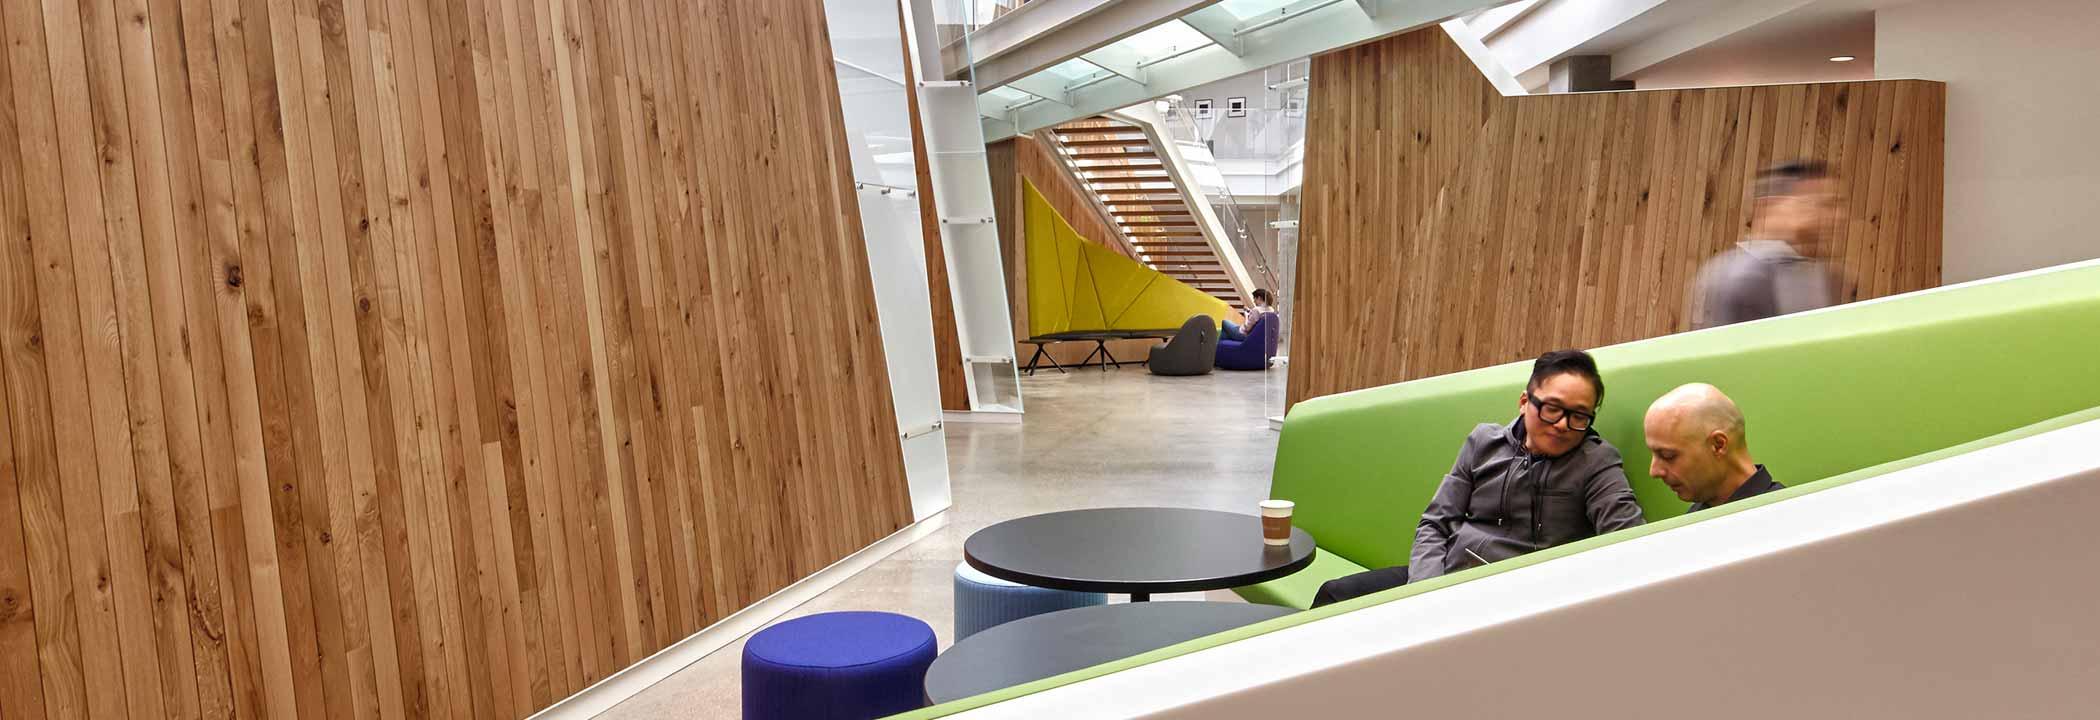 משרד של Microsoft